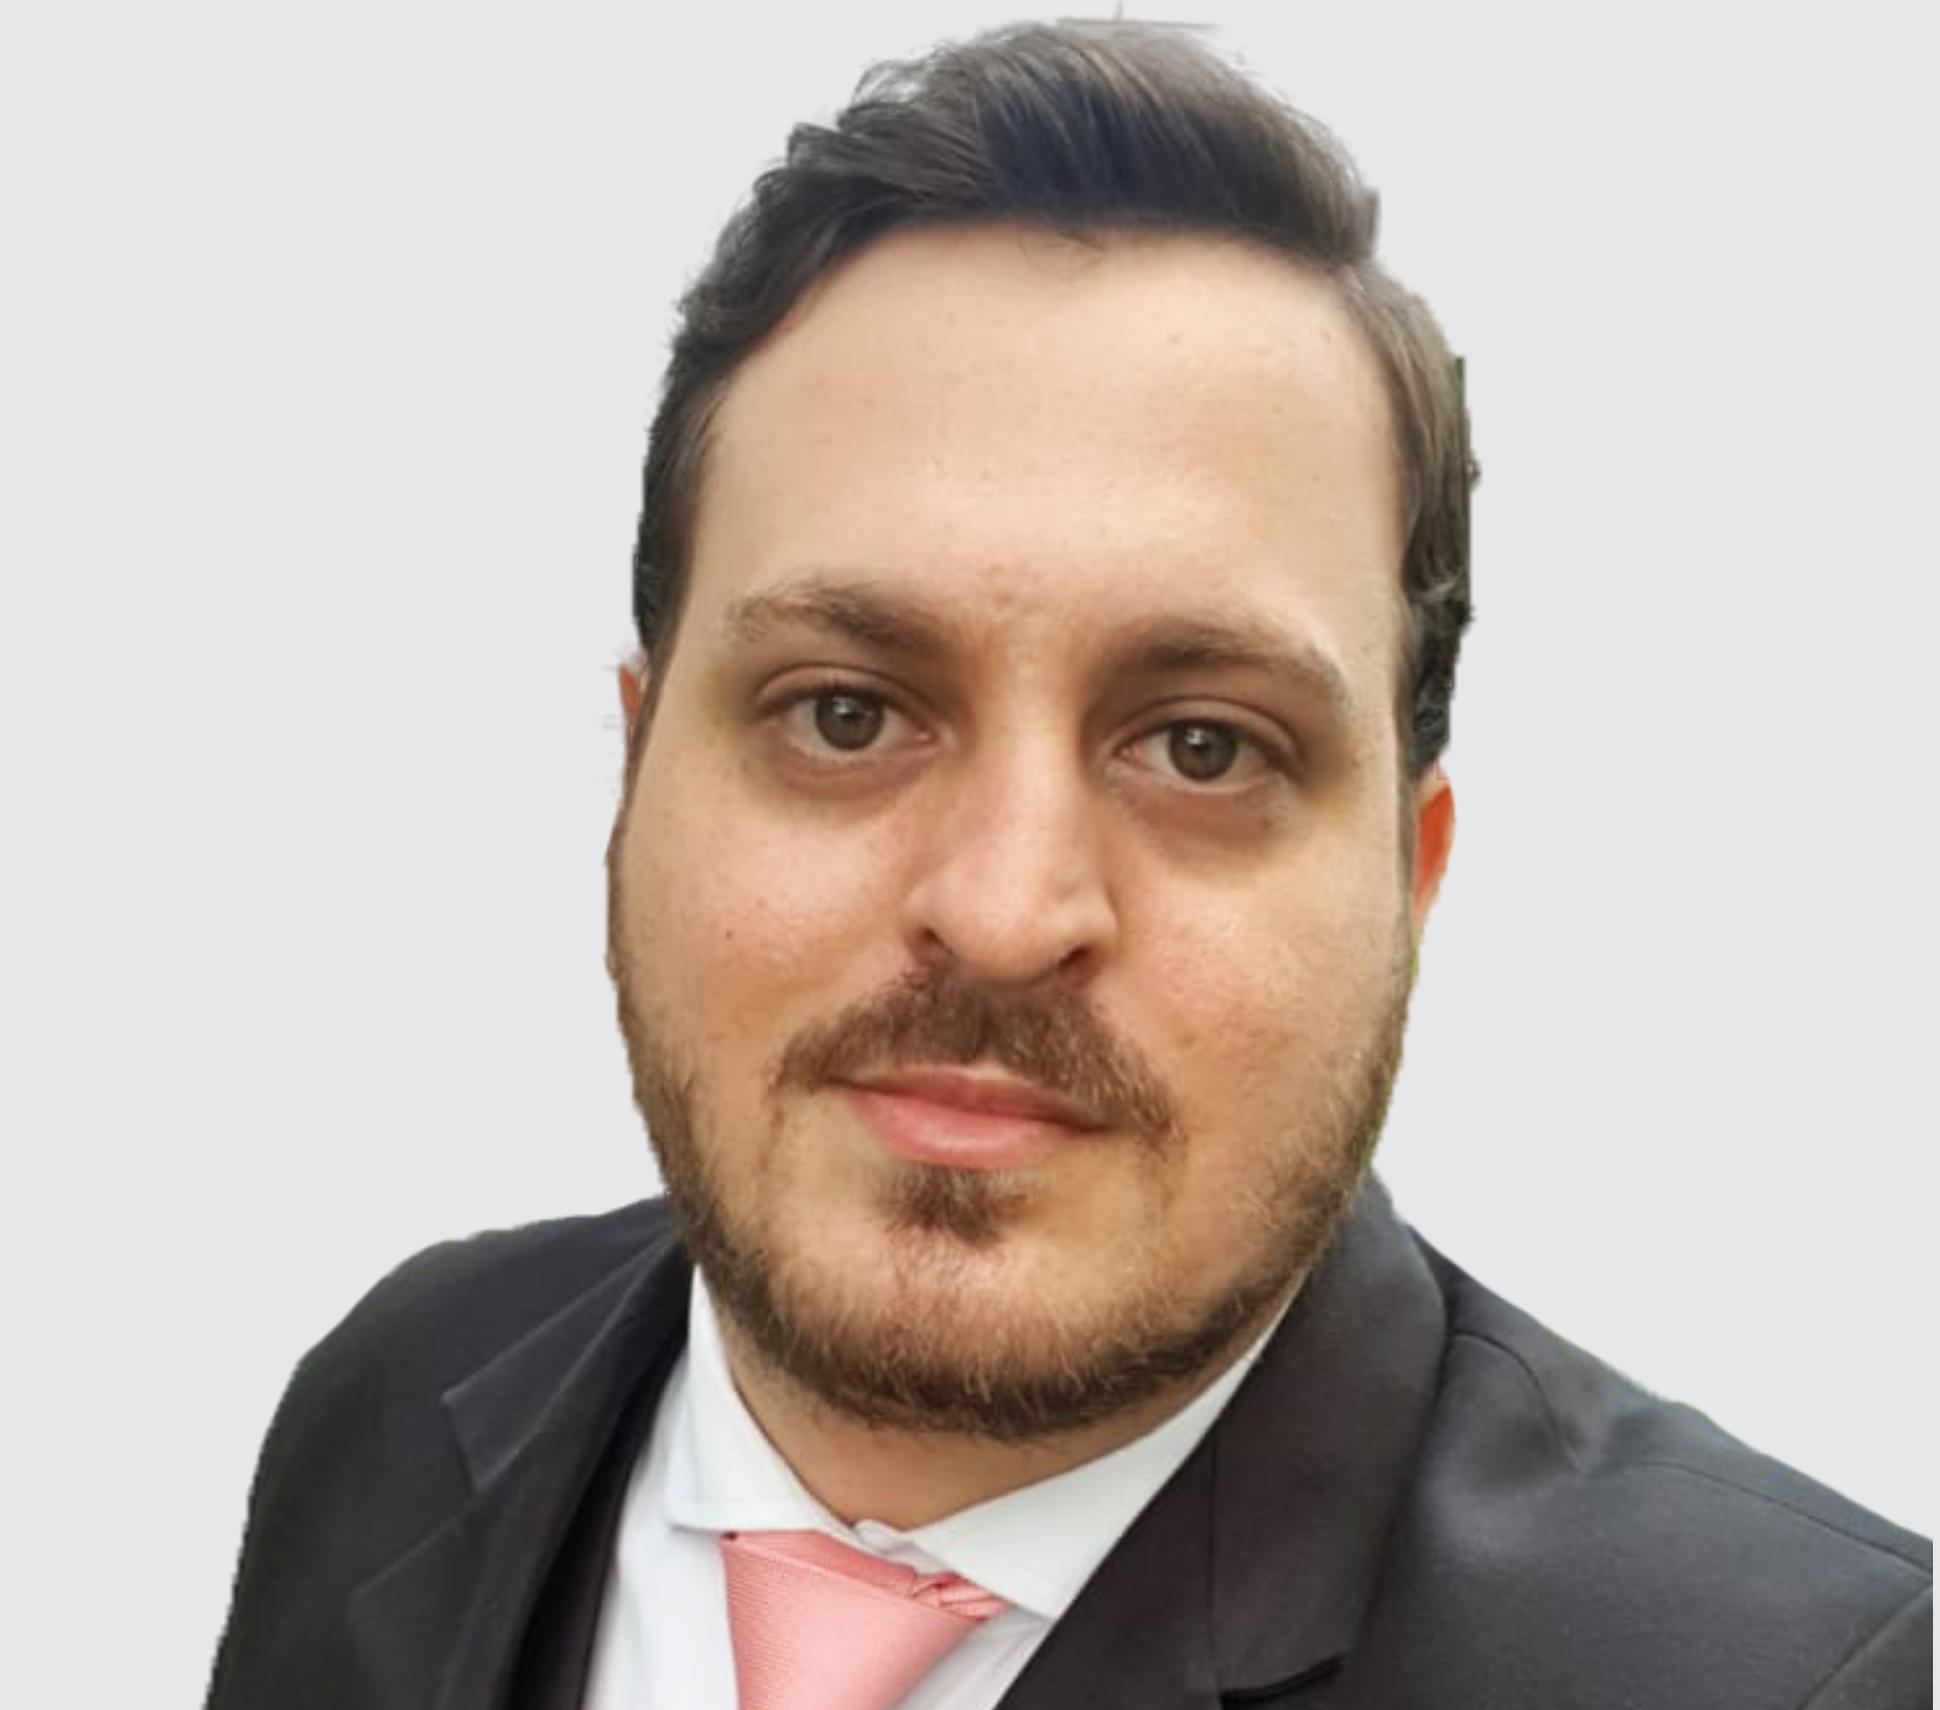 Alef Alves